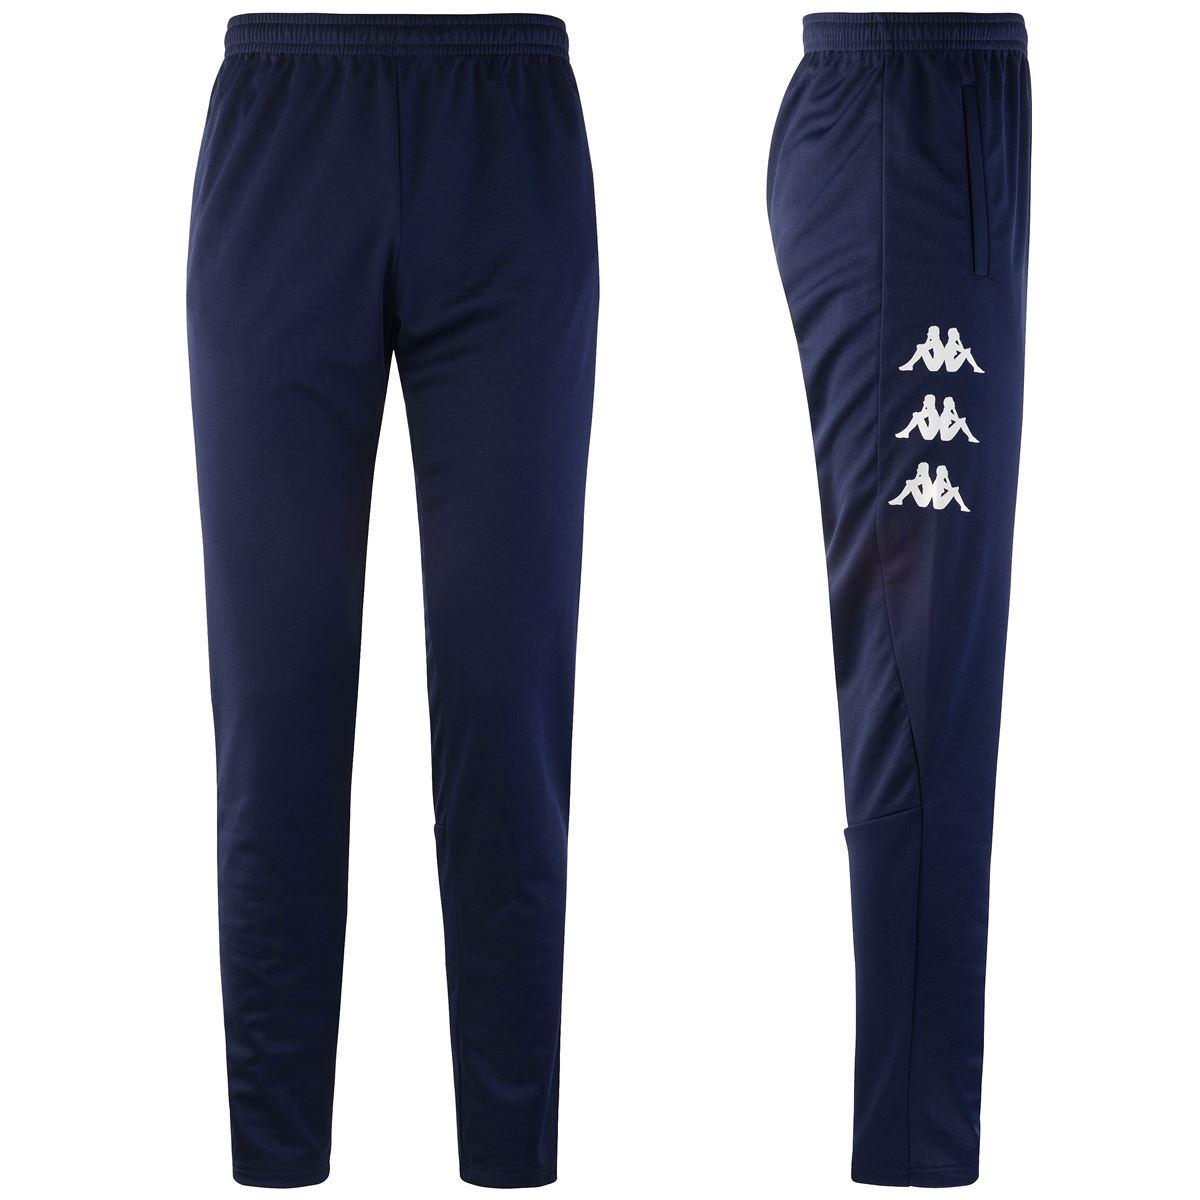 Kappa Pants KAPPA4SOCCER BIGIL Boy Soccer sport Sport Trousers